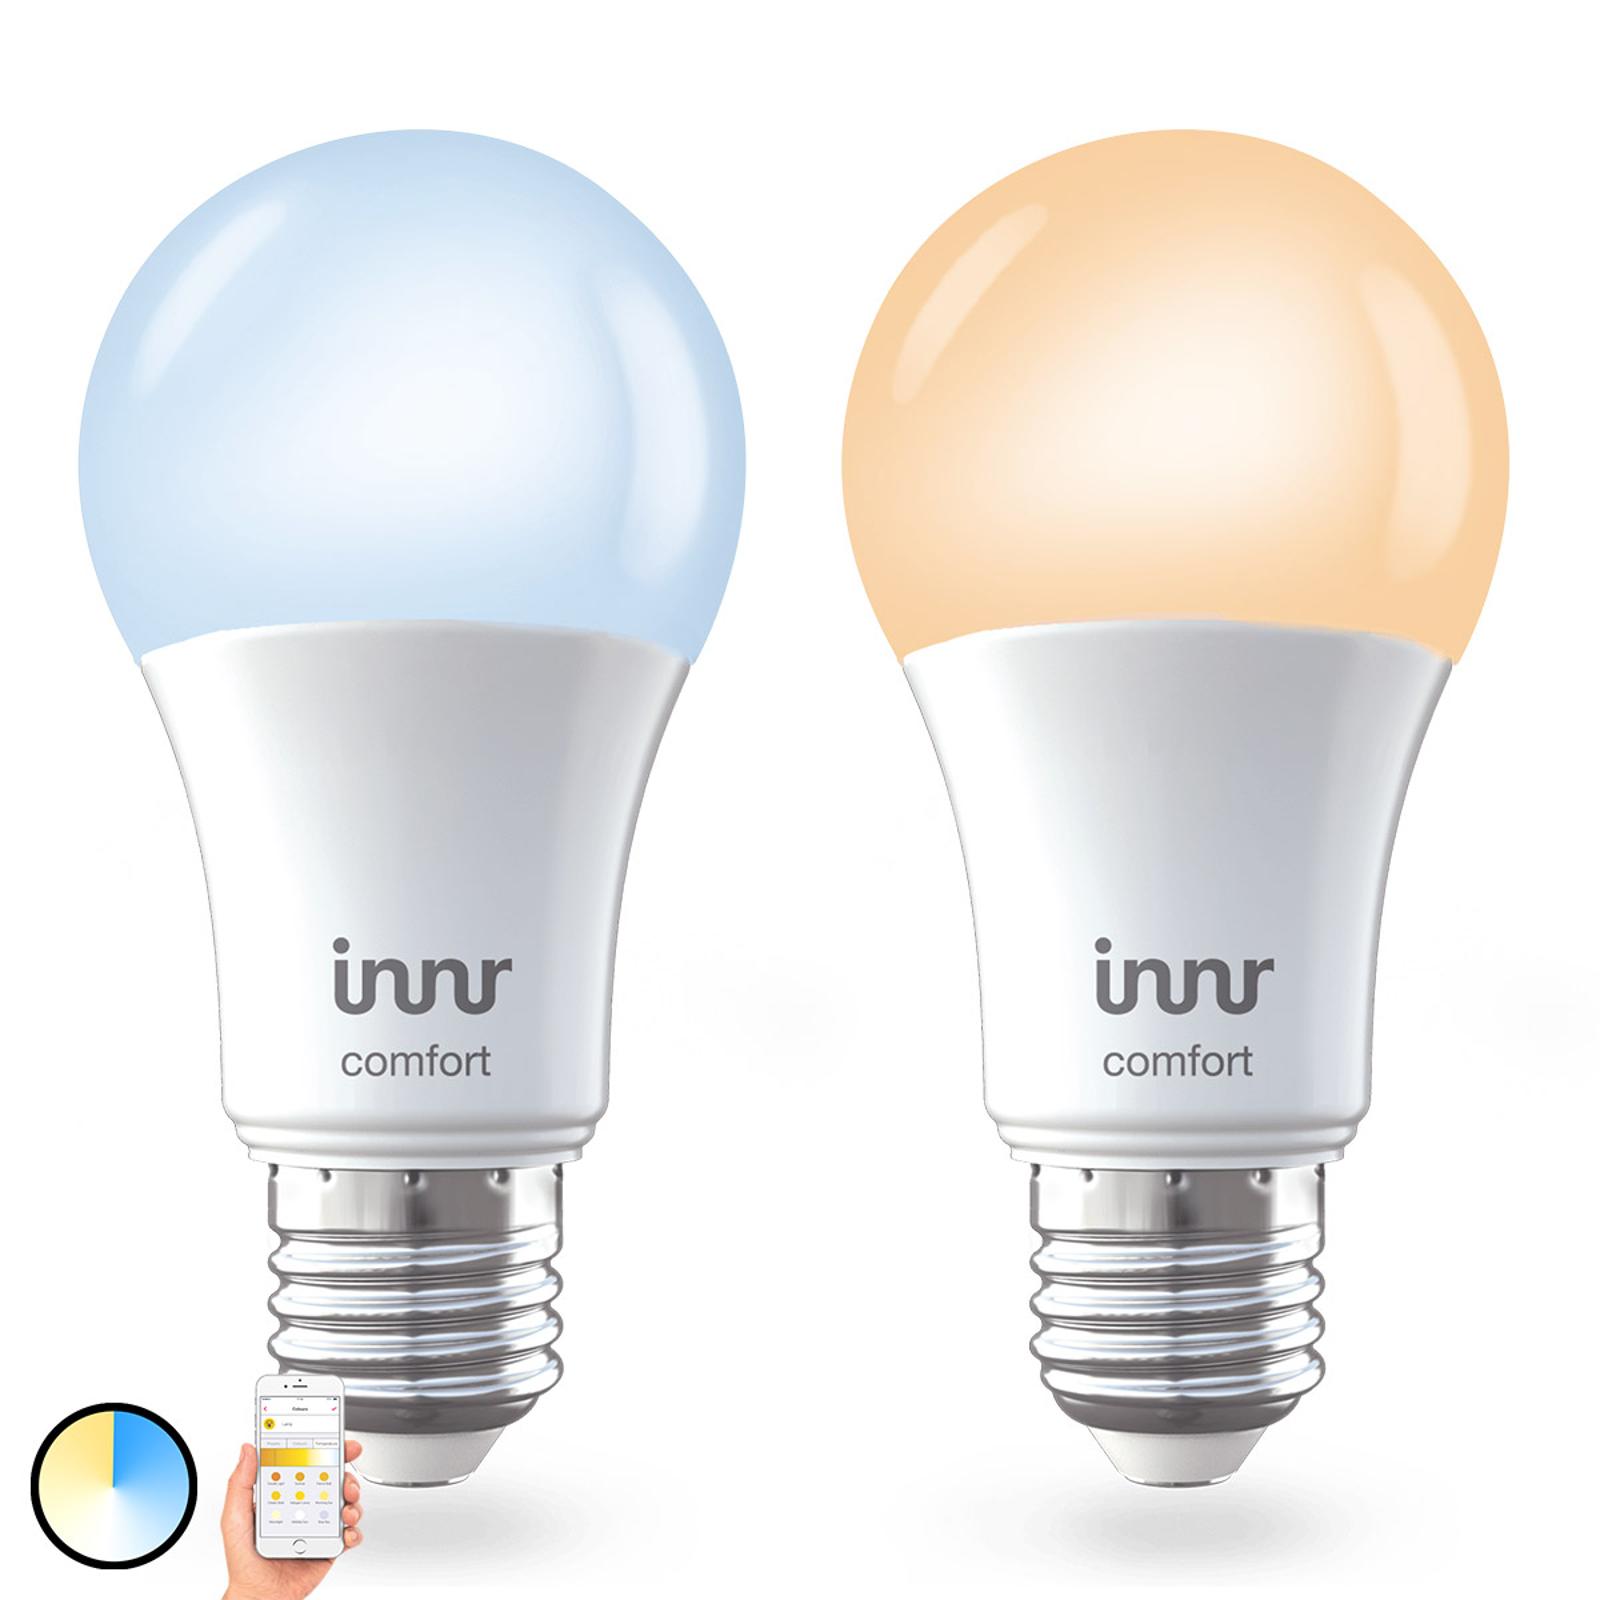 E27 9 W LED-pære Innr Smart Bulb Comfort, 2er